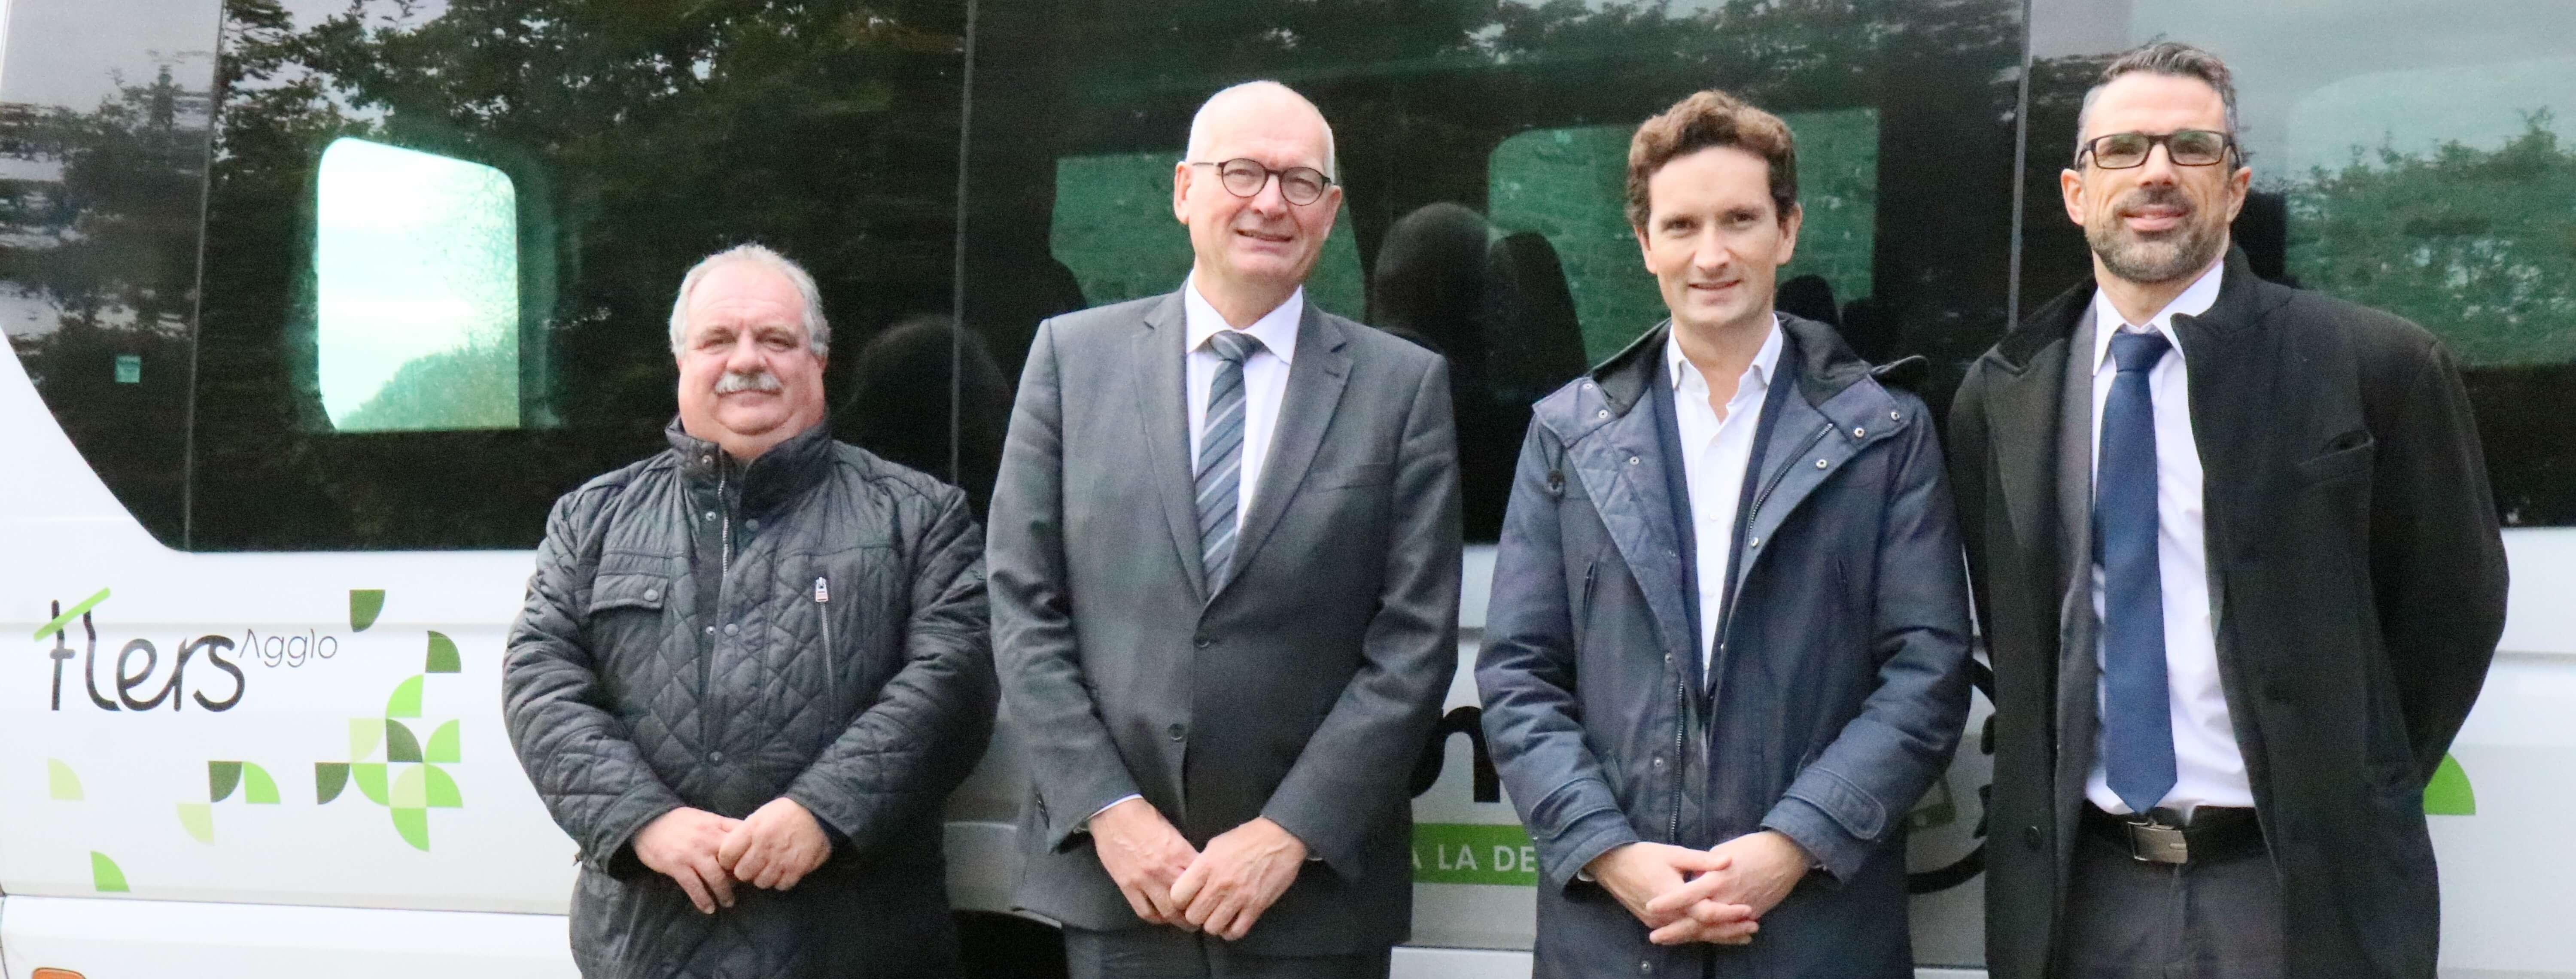 De gauche à droite : Stéphan Gravelat (vice-président de Flers Agglo, délégué aux Transports et à la Mobilité), Tristan Guillemard (Directeur du Pôle régional Normandie de Transdev), Olivier Binet (Président de Karos) et Ludovic Lefèvre (Directeur de VTNI Orne).